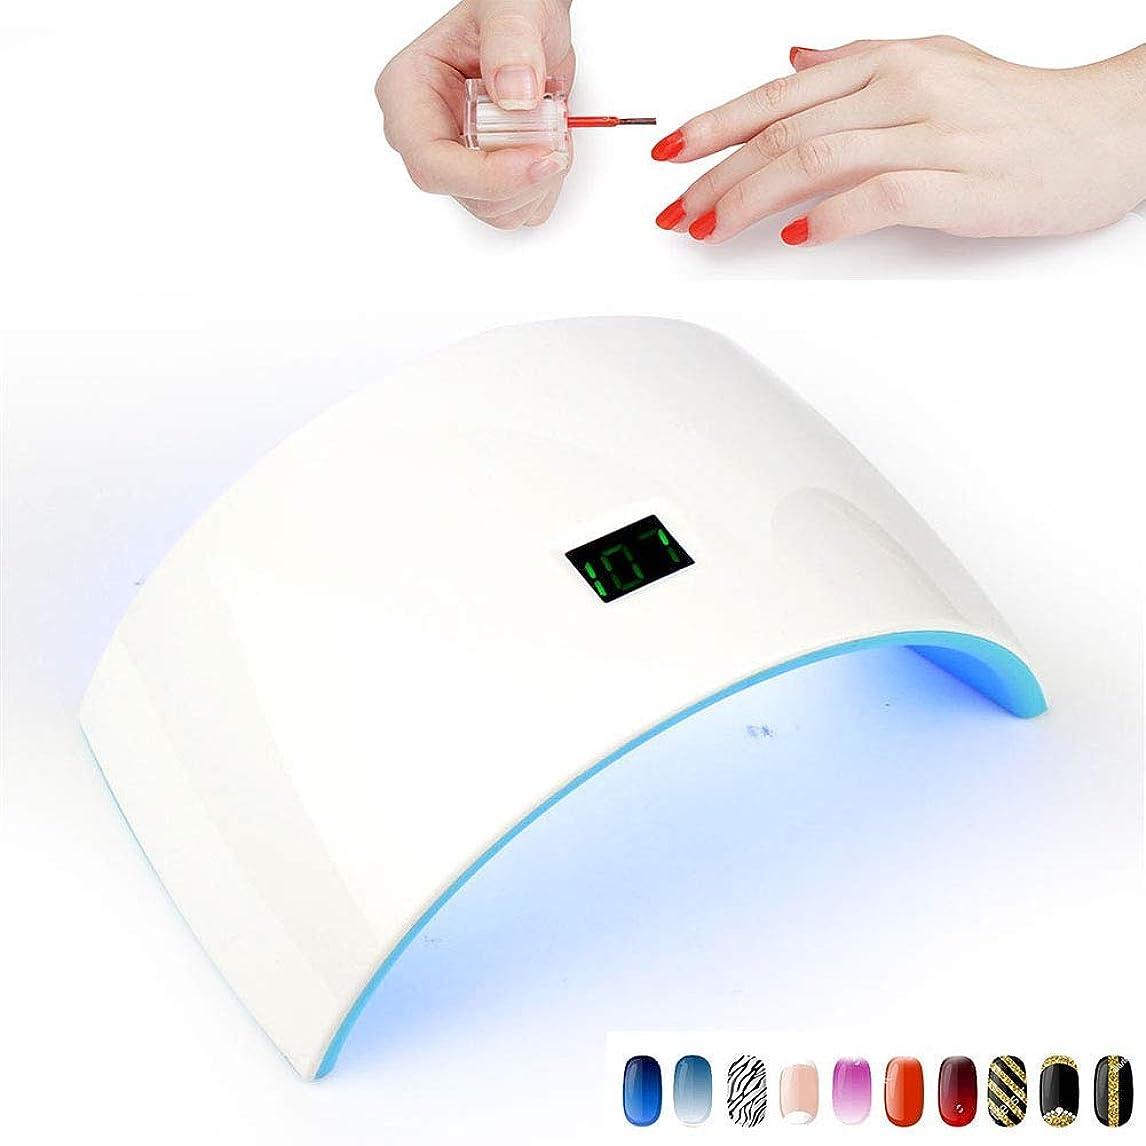 宣言する期限切れガウン釘のためのランプおよびゲルのポーランド人ランプ24Wドライヤーの光線療法機械液晶ディスプレイが付いている速い治癒のゲルのニス、標準的なモデル,充電